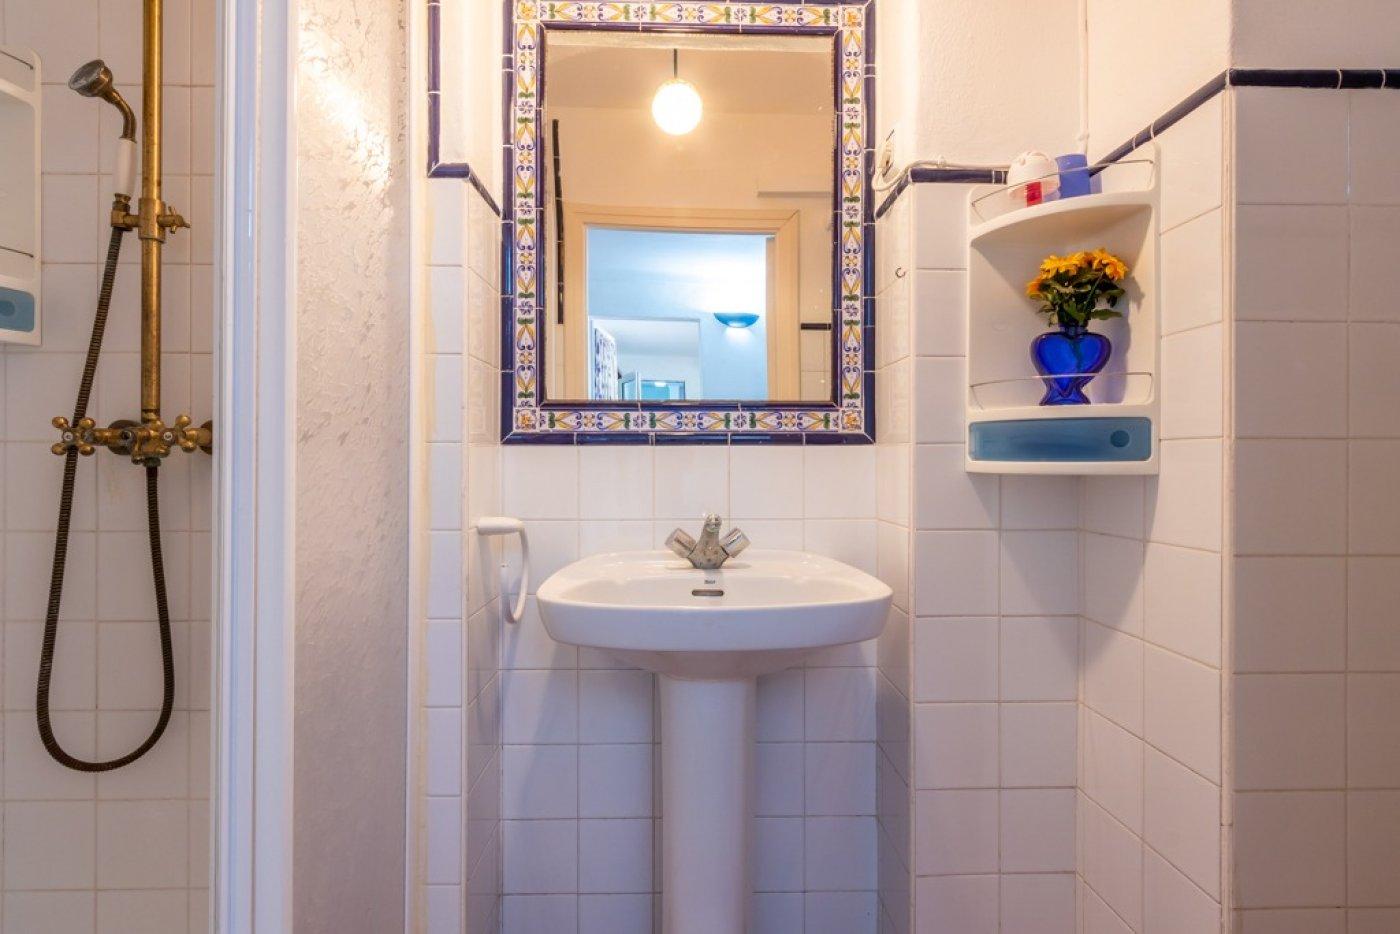 Magnifica villa en ses salines - can somni - ideal inversores turÍsticos - imagenInmueble11